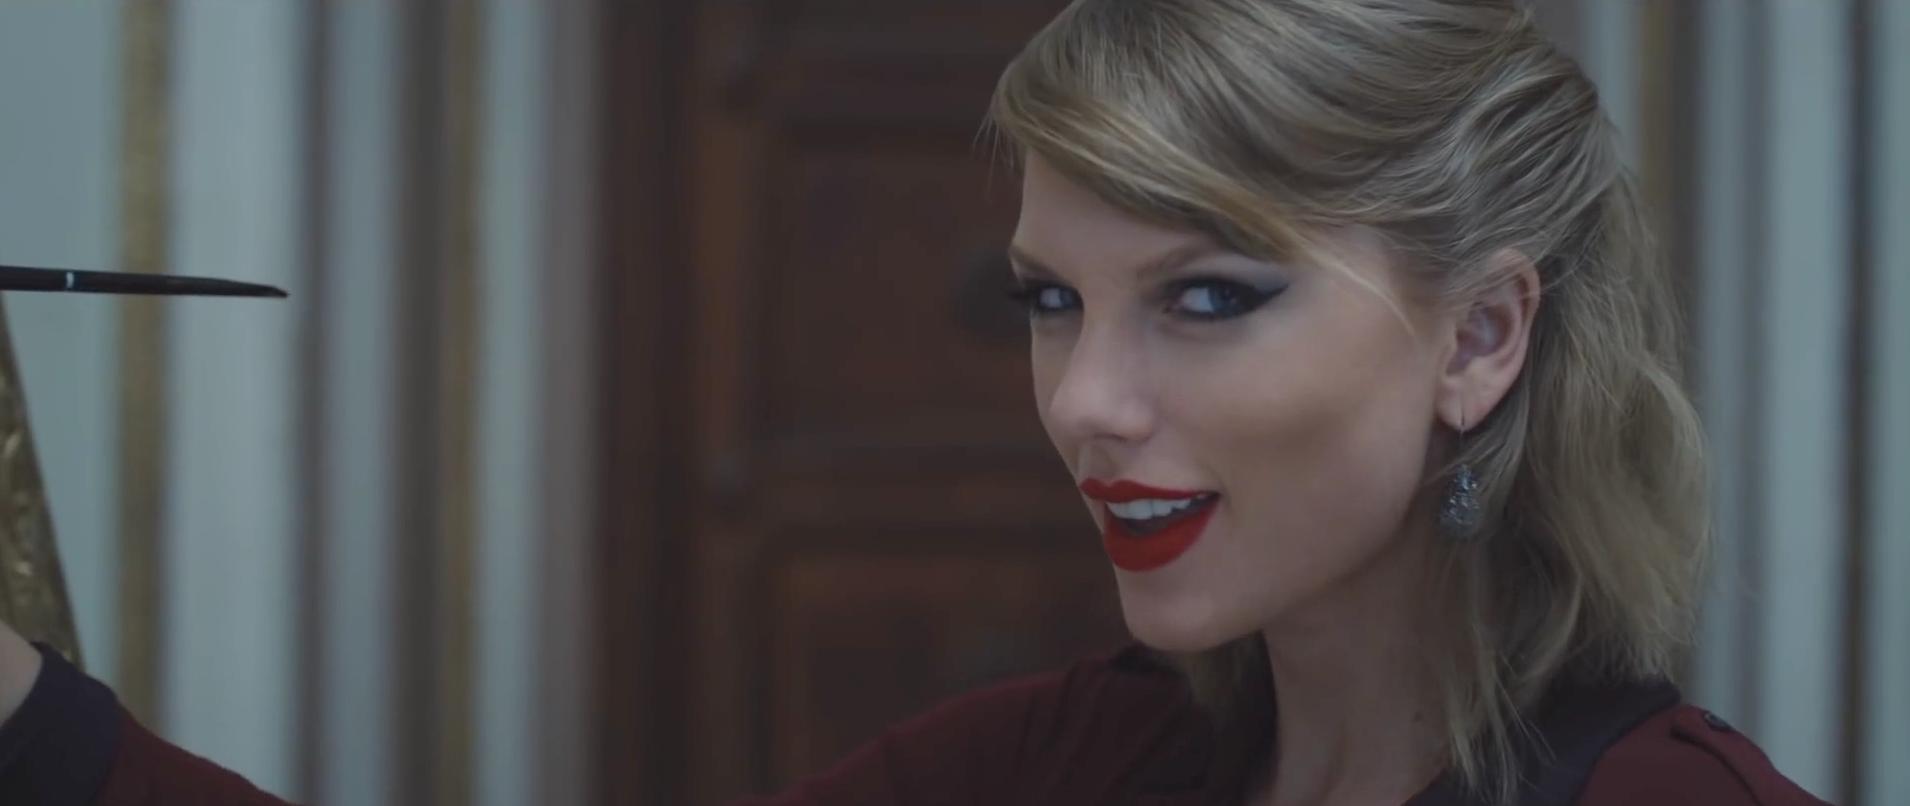 Mashup de Taylor Swift demuestra que le falta originalidad. Foto: Youtube/TaylorSwiftVEVO